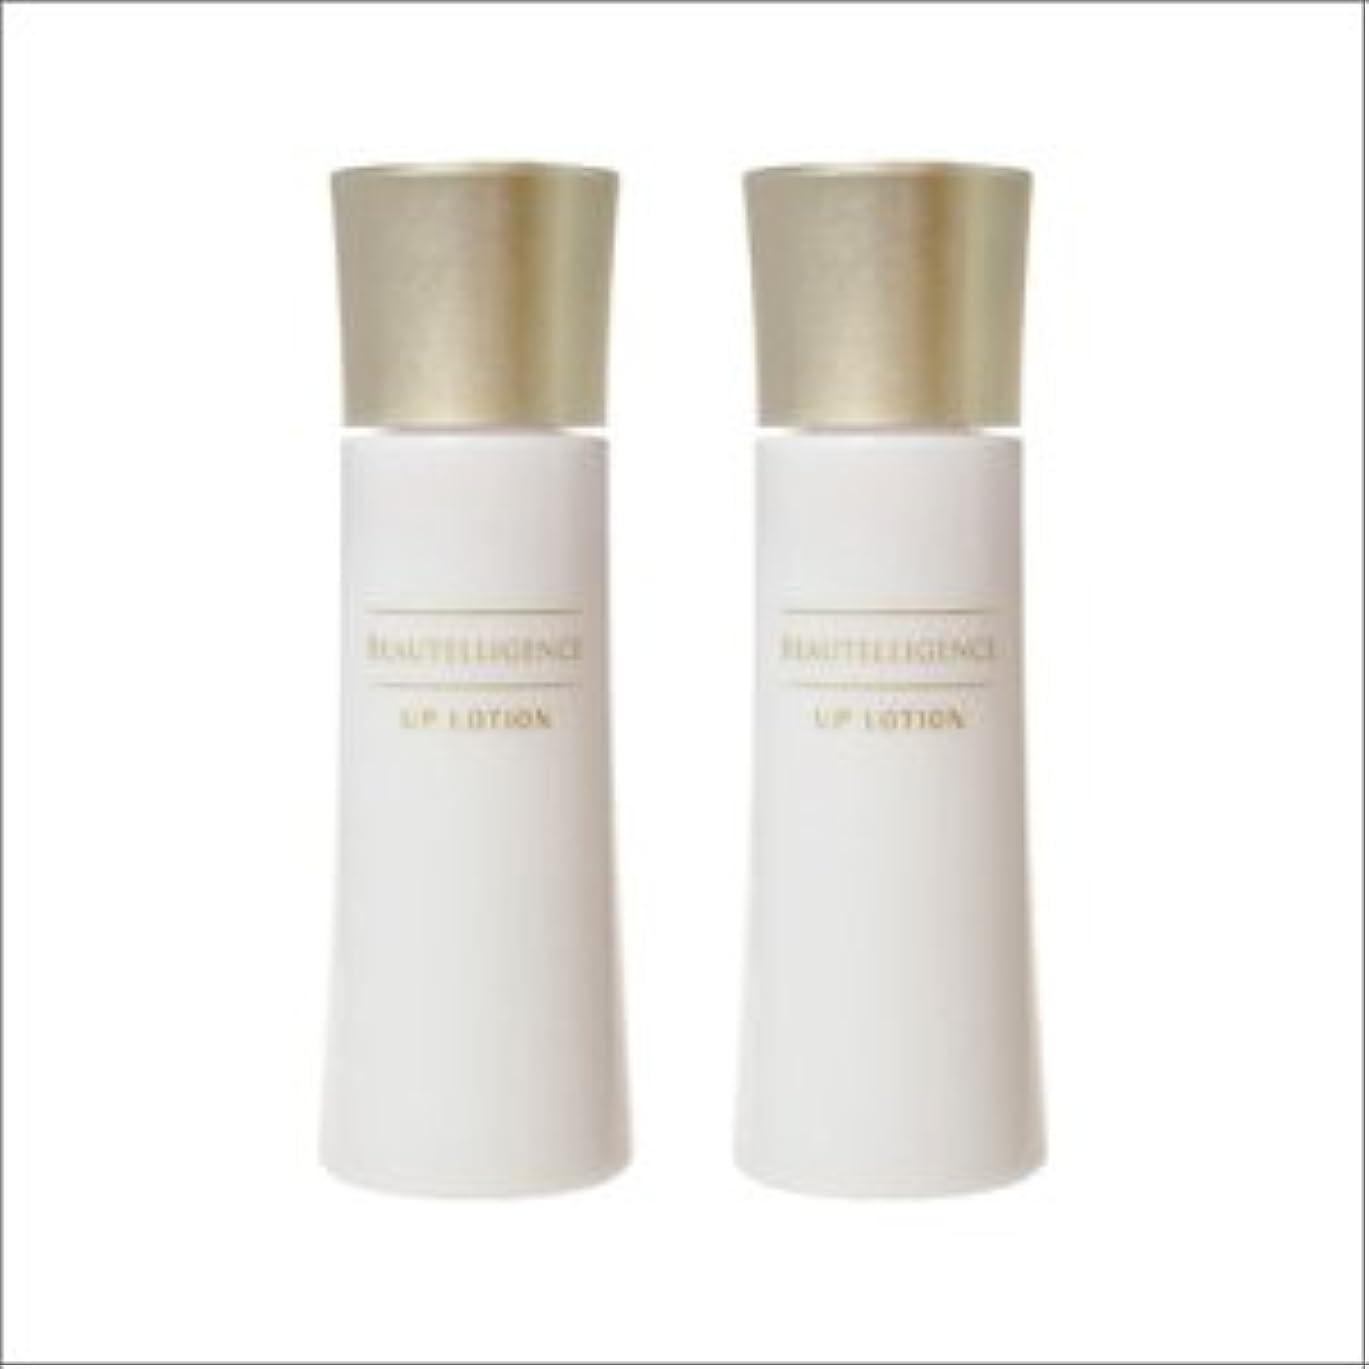 高原不要余剰2本セット アップローション ひきしめ 化粧水 美容液 ハリ NEWA オシリフト グリシルグリシンエイジングケア